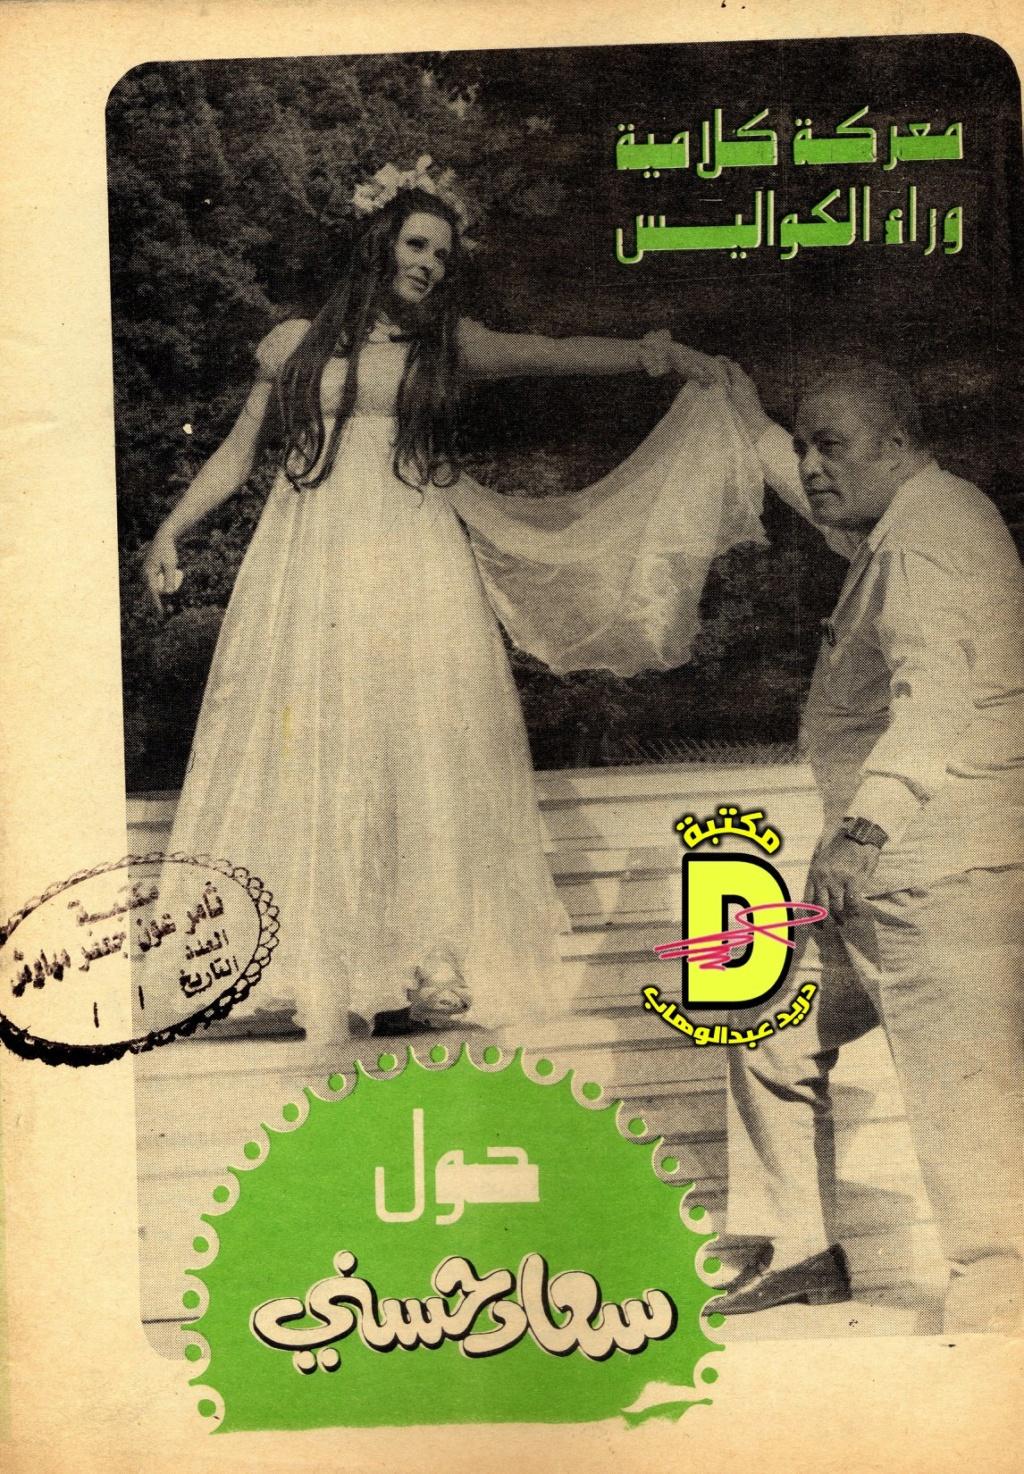 مقال صحفي : معركة كلامية وراء الكواليس .. حول سعاد حسني 1972 م 146